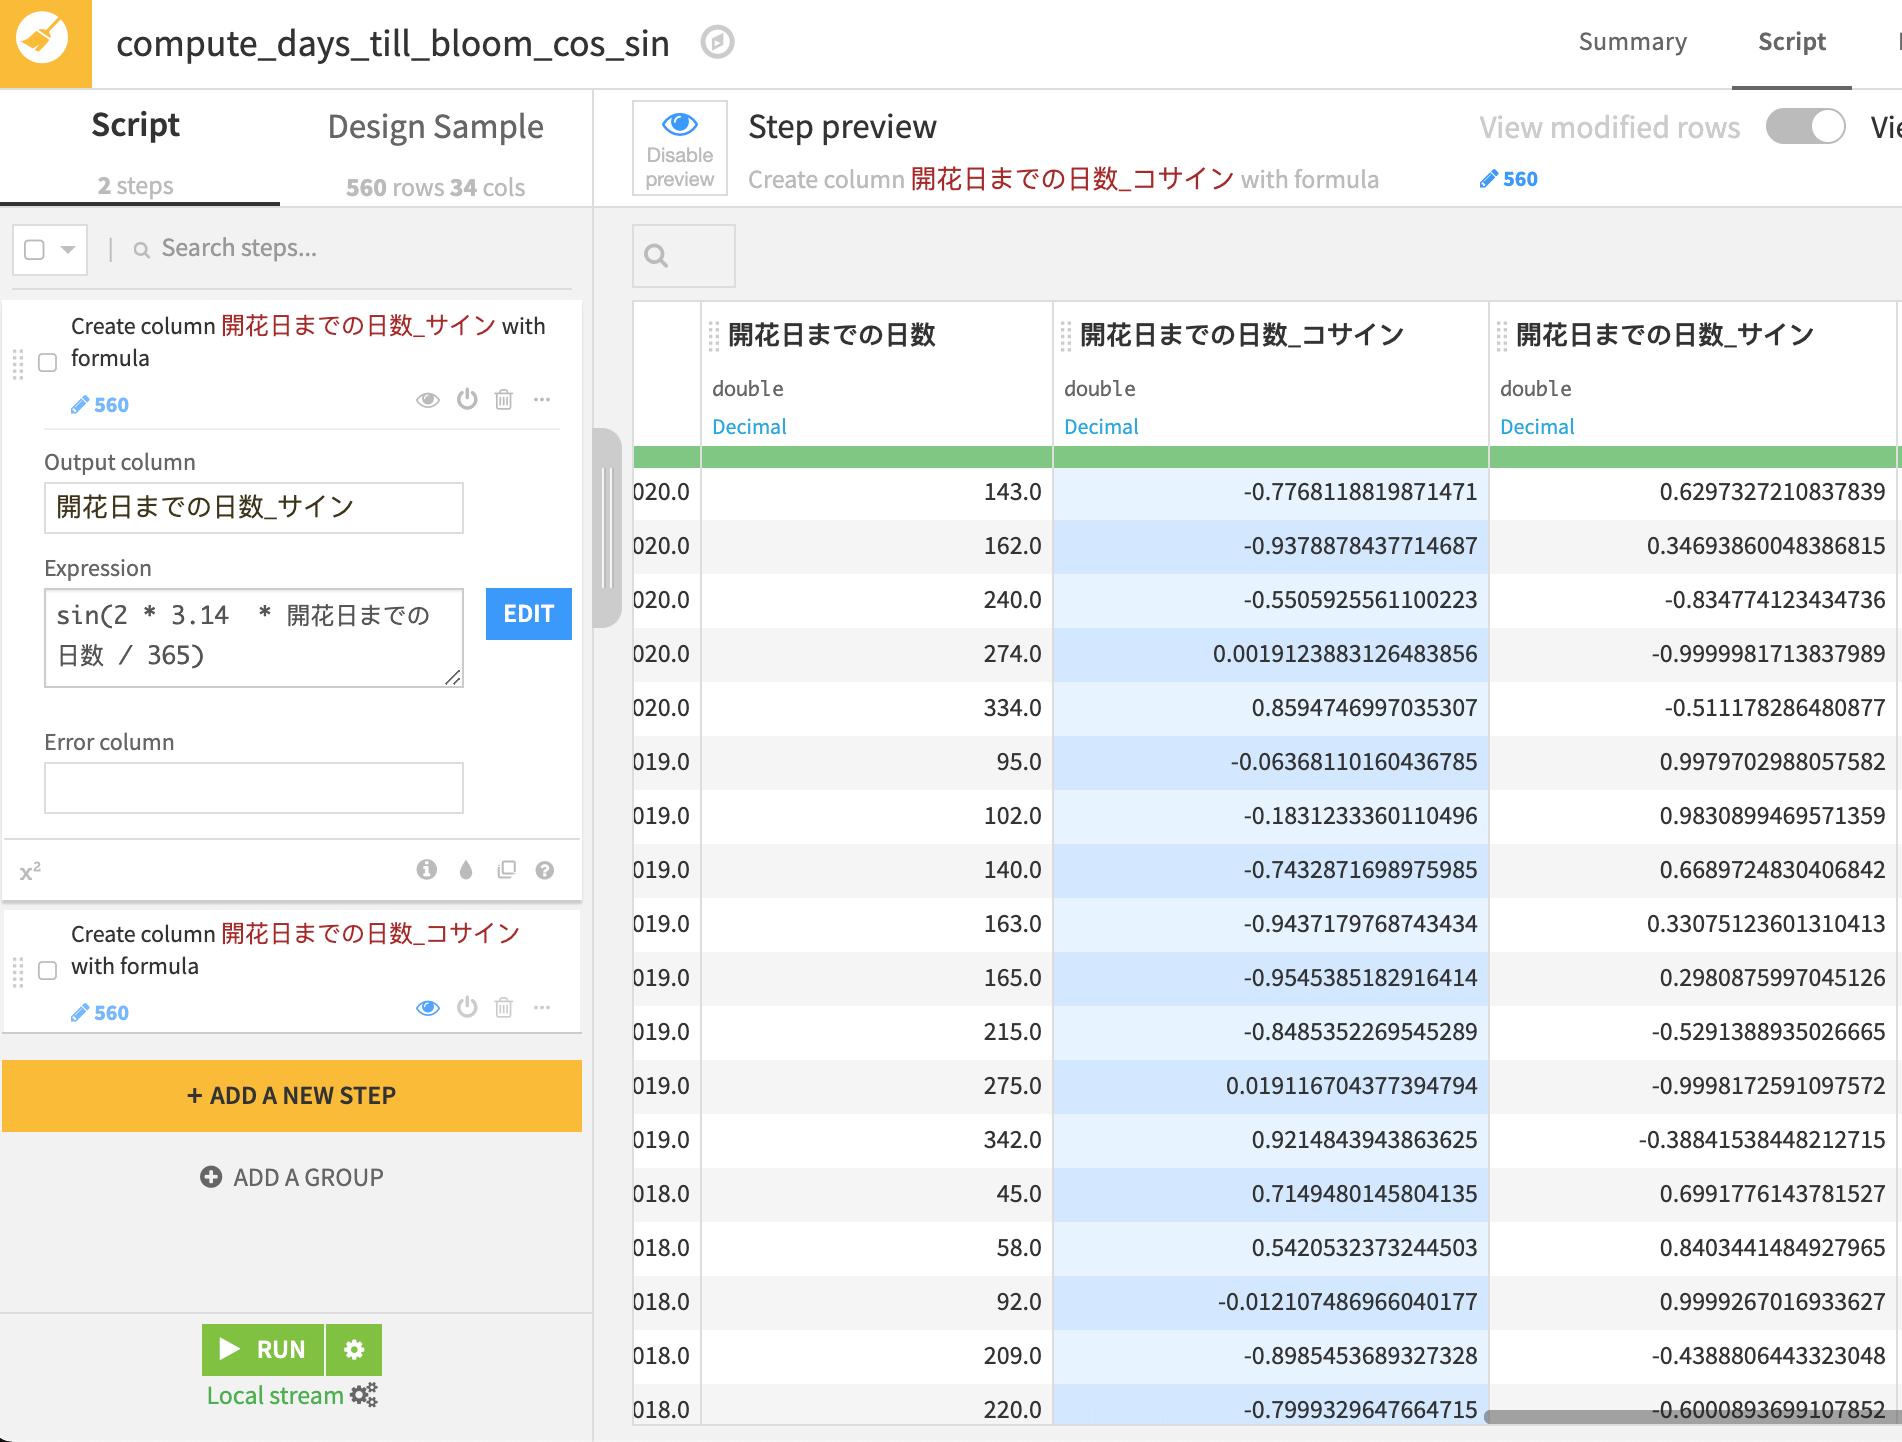 Screenshot 2021-03-05 at 18.23.01.png